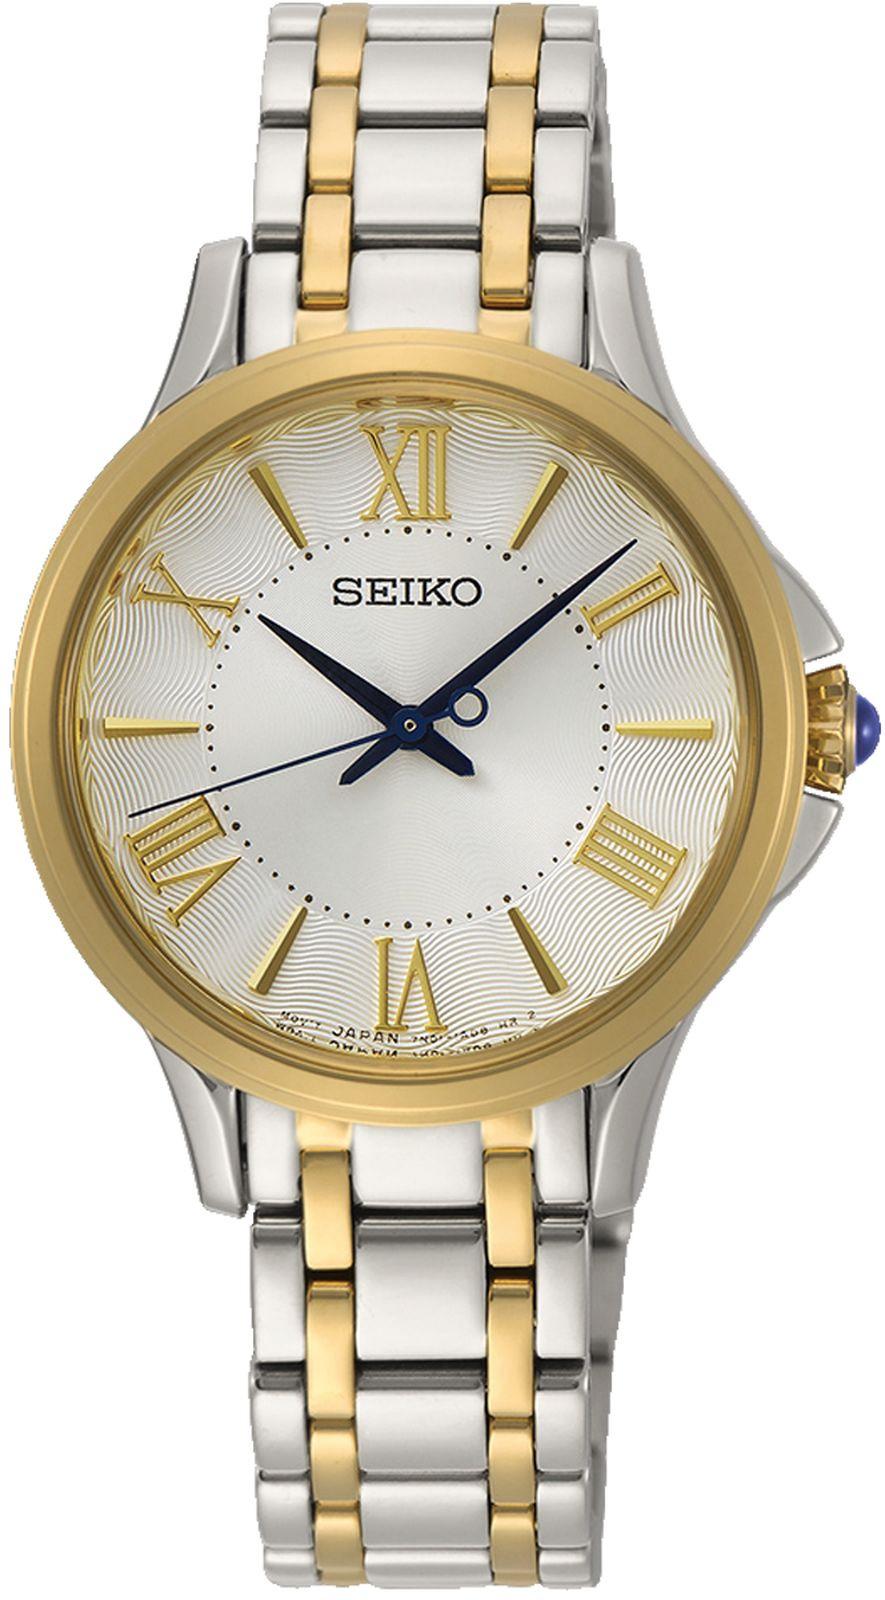 цена на Наручные часы Seiko женские, серебристый